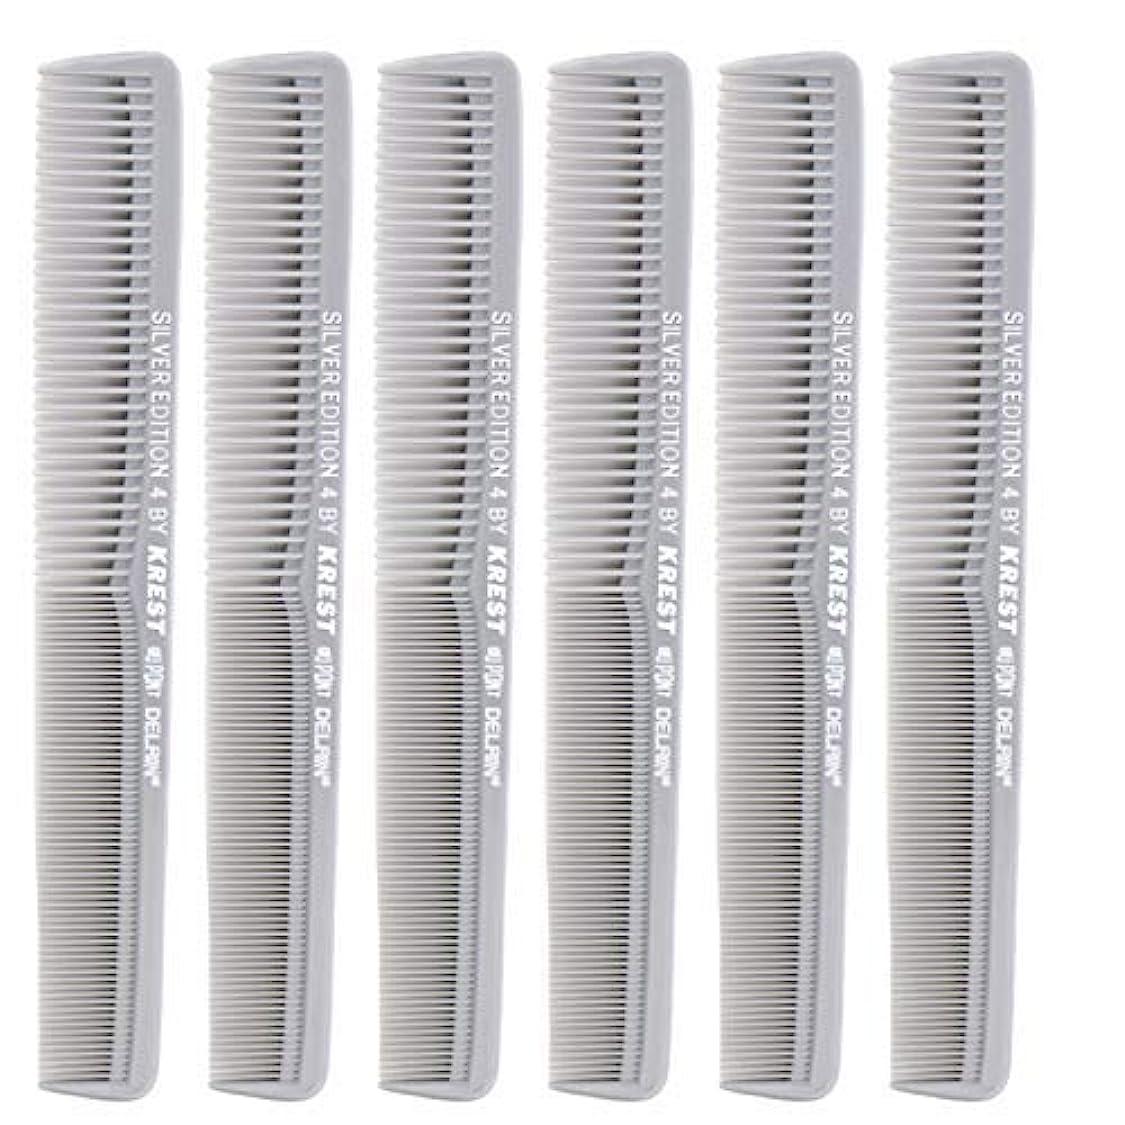 アジャ成熟筋肉の7 In. Silver Edition Heat Resistant All Purpose Hair Comb Model #4 Krest Comb, [並行輸入品]